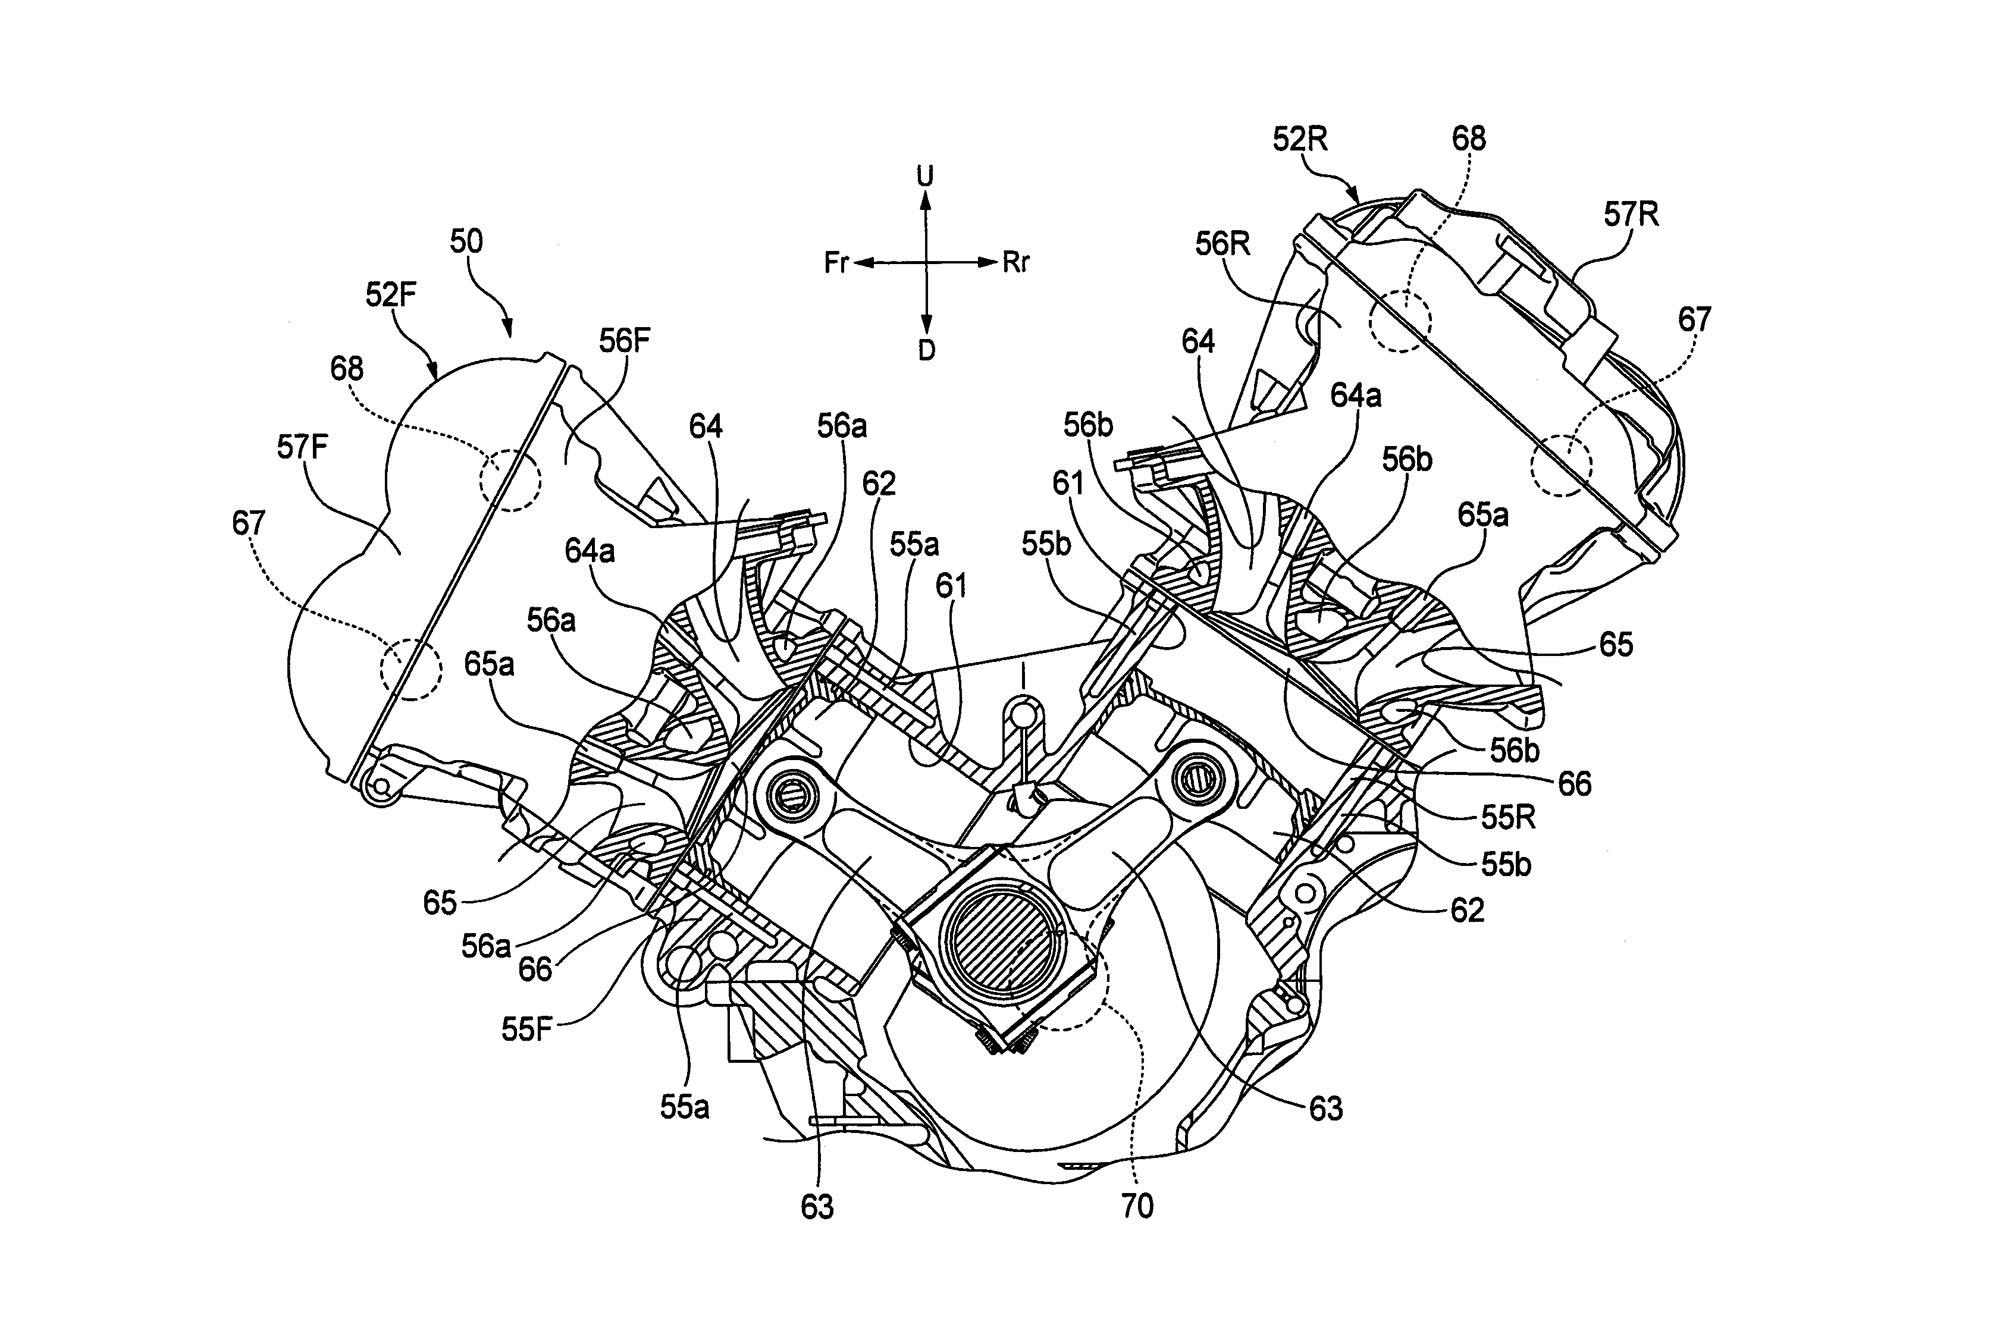 2eabf v4 engine diagram digital resources v4 cylinder engine v4 engine diagram #1